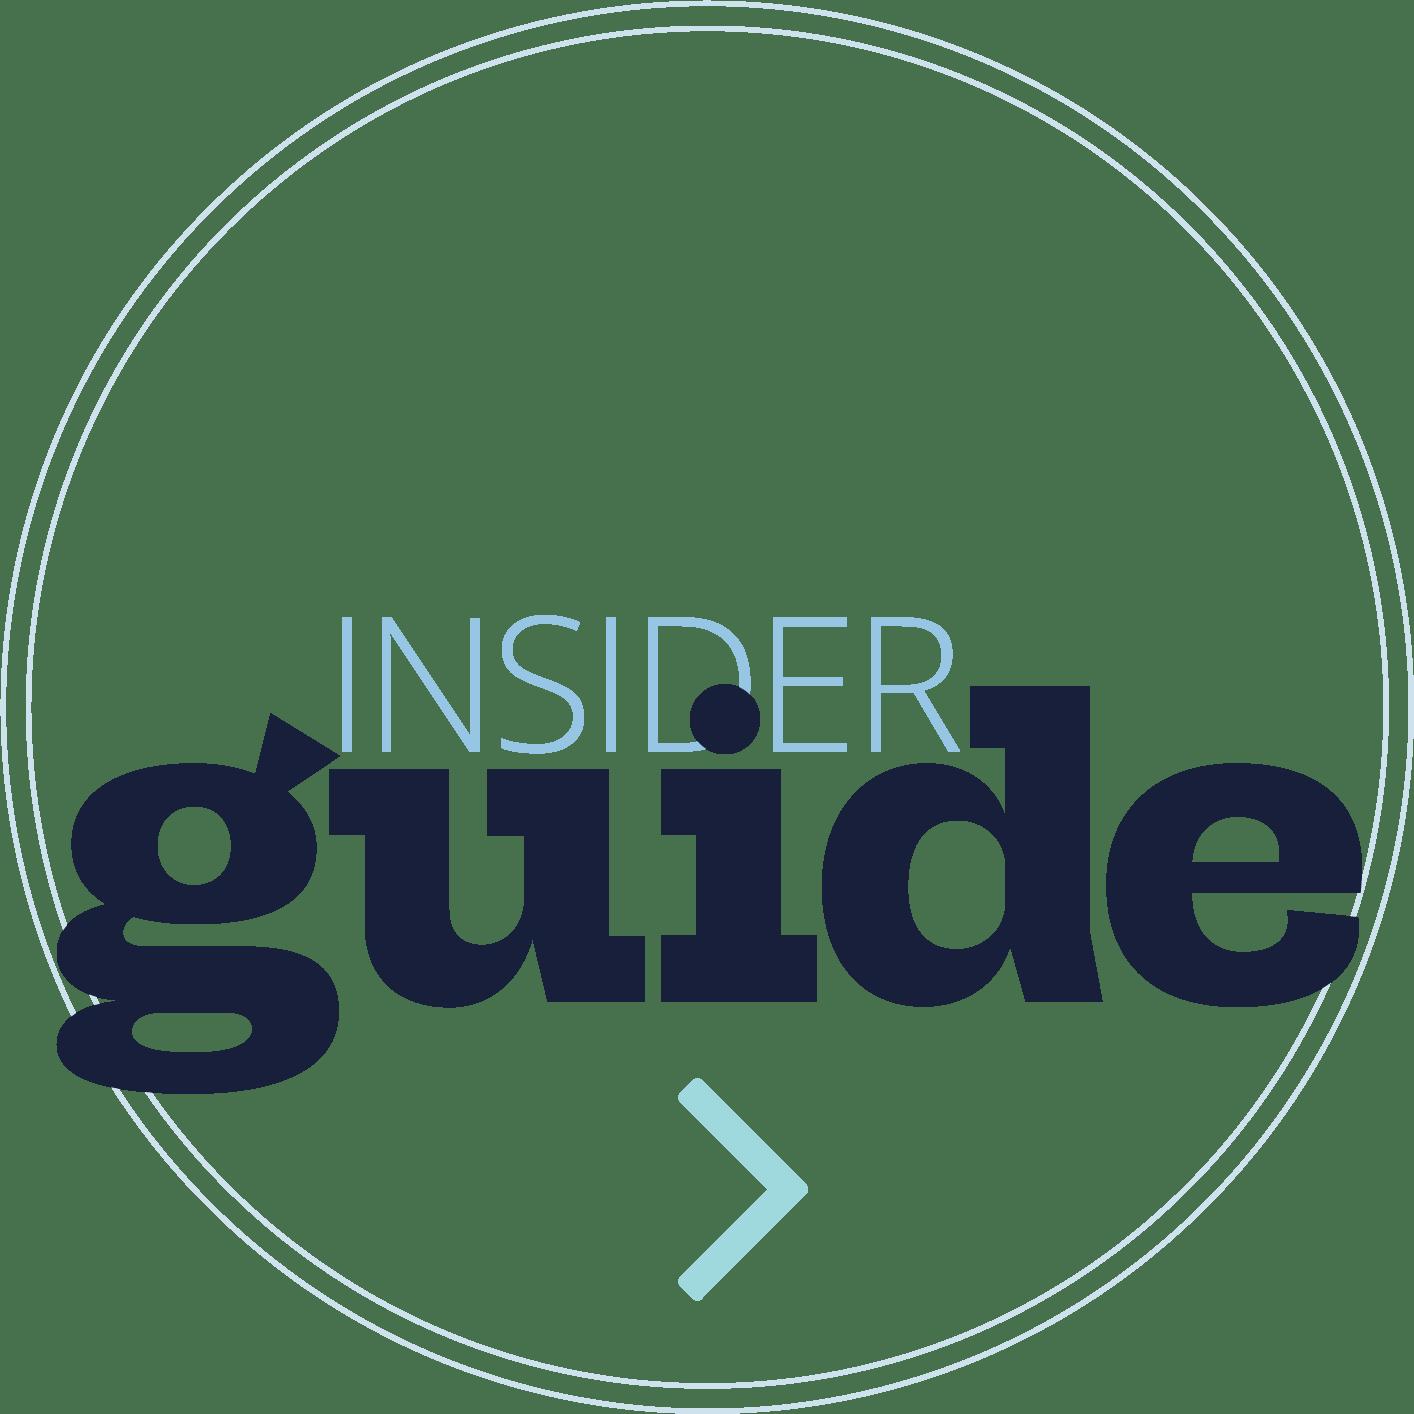 Insider Guide Badge